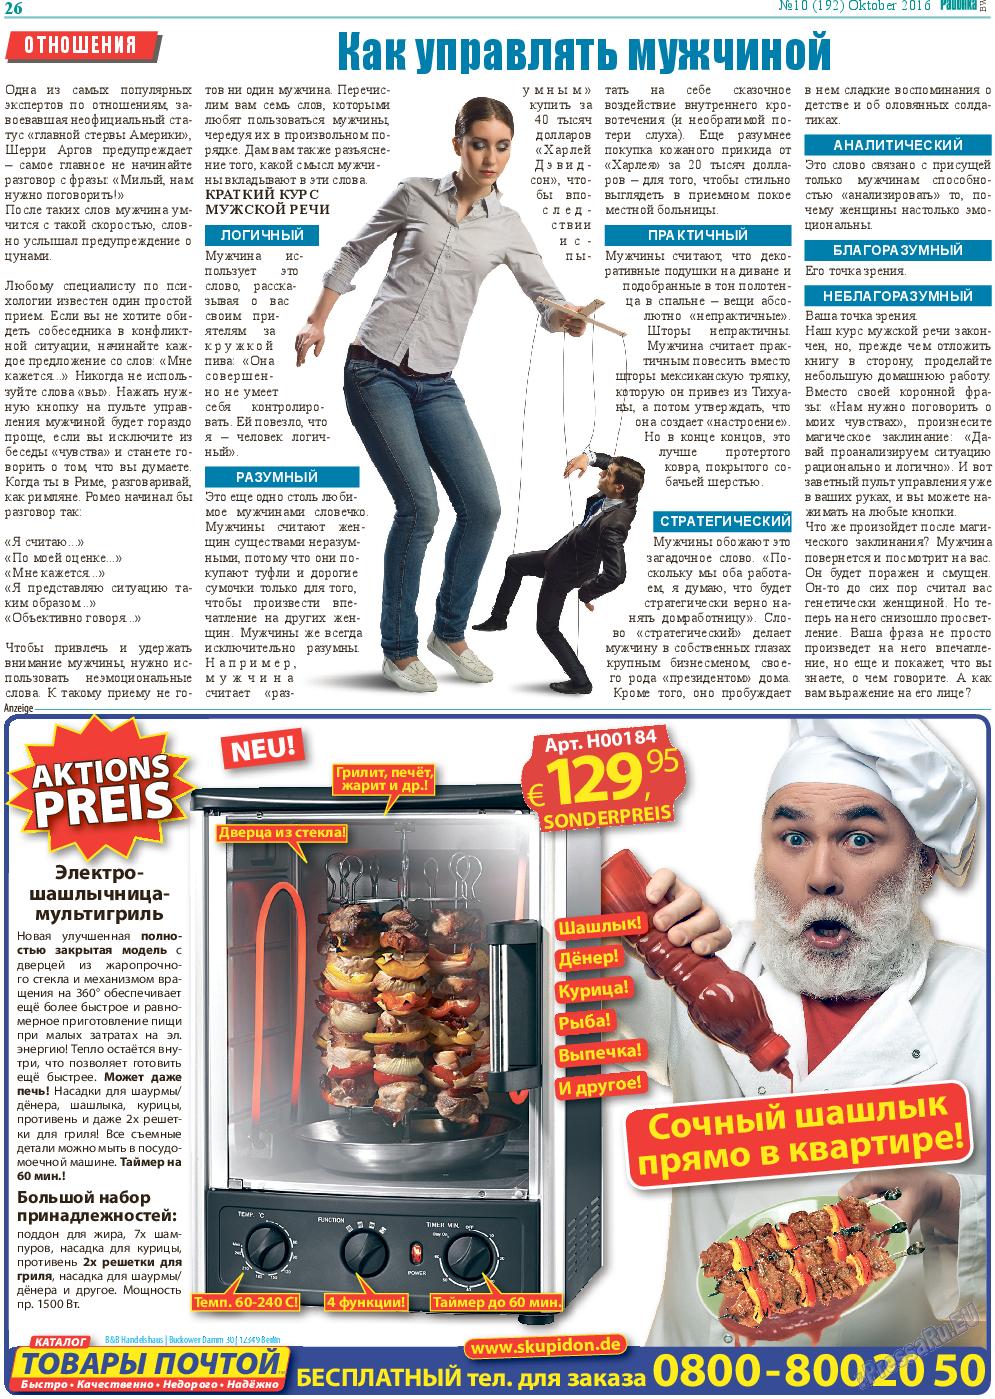 Районка-Nord-Ost-Bremen (газета). 2016 год, номер 10, стр. 26